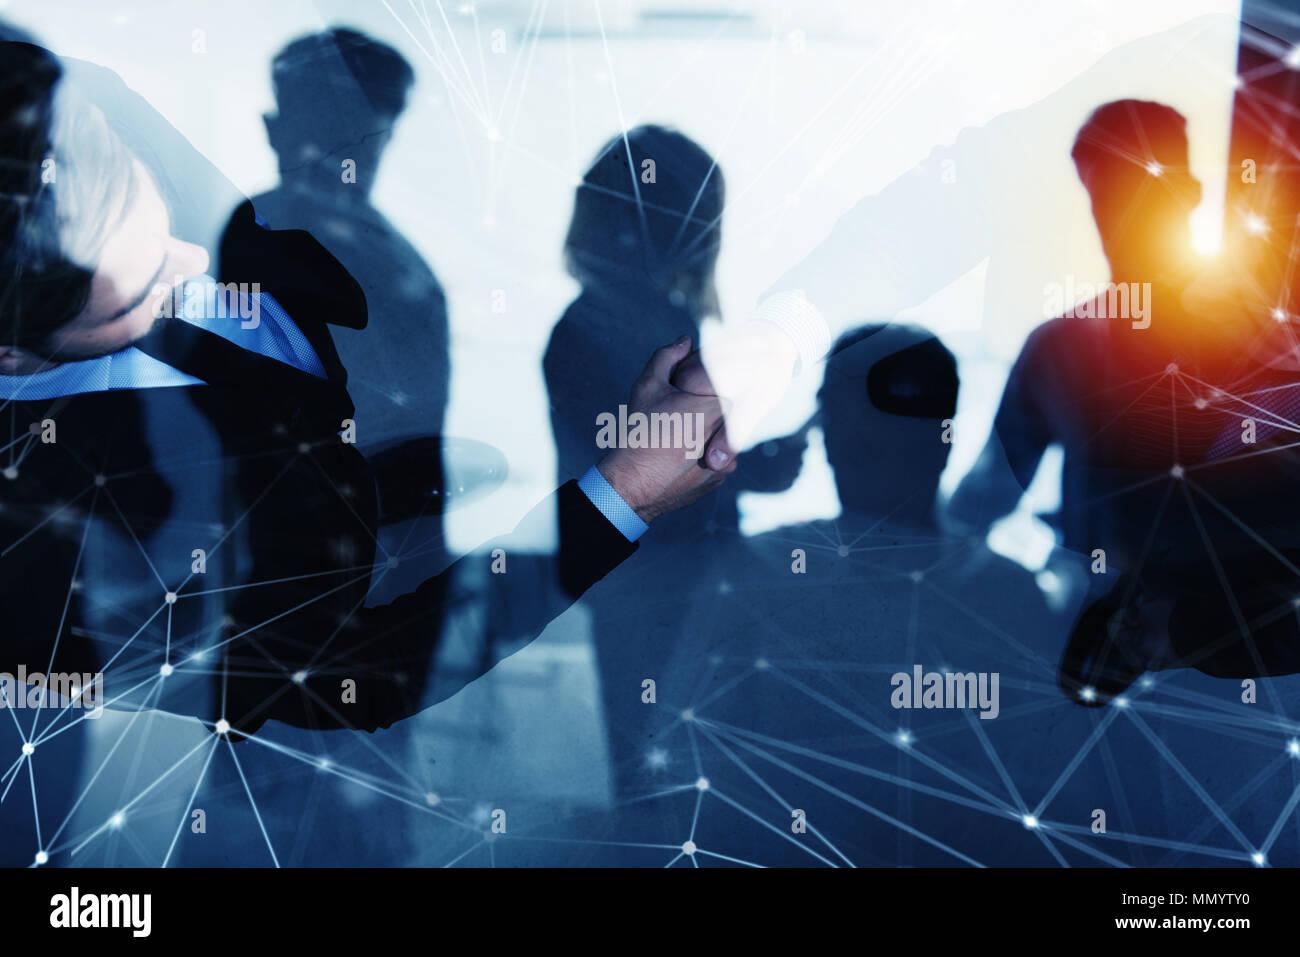 L'établissement de liaison de personne d'affaires en bureau avec effet réseau. concept d'équipe et partenariat. double exposition Photo Stock